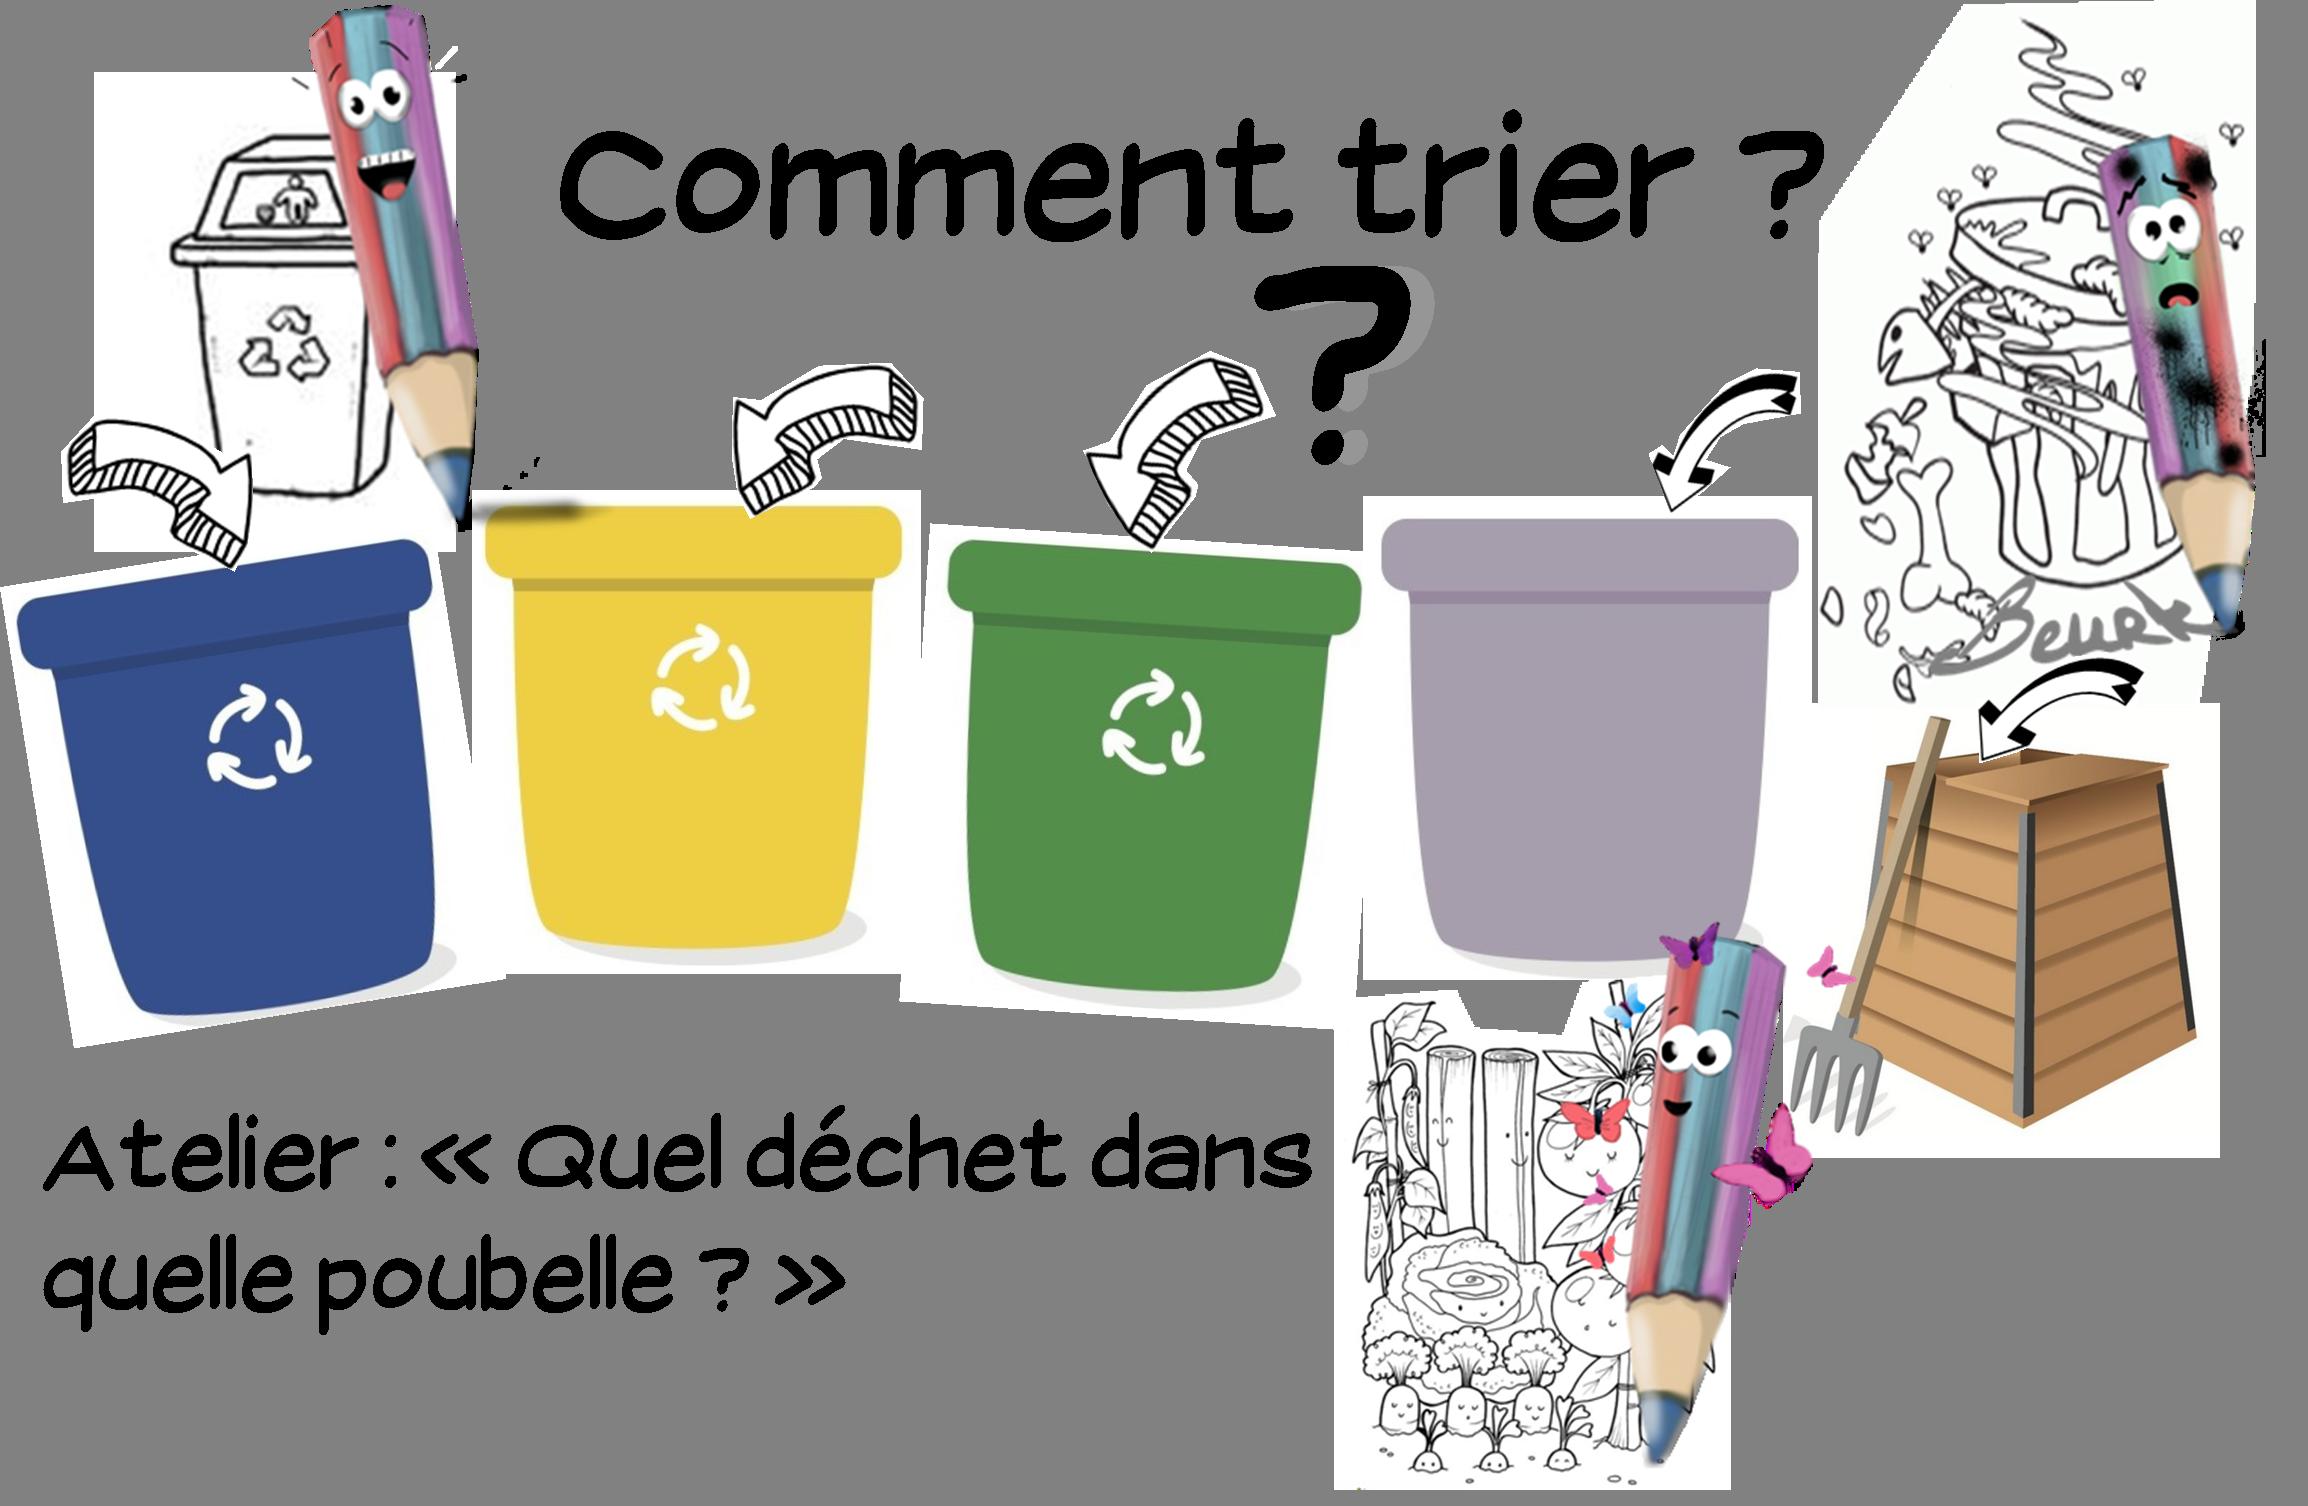 Extrêmement Les déchets - Validées SB68